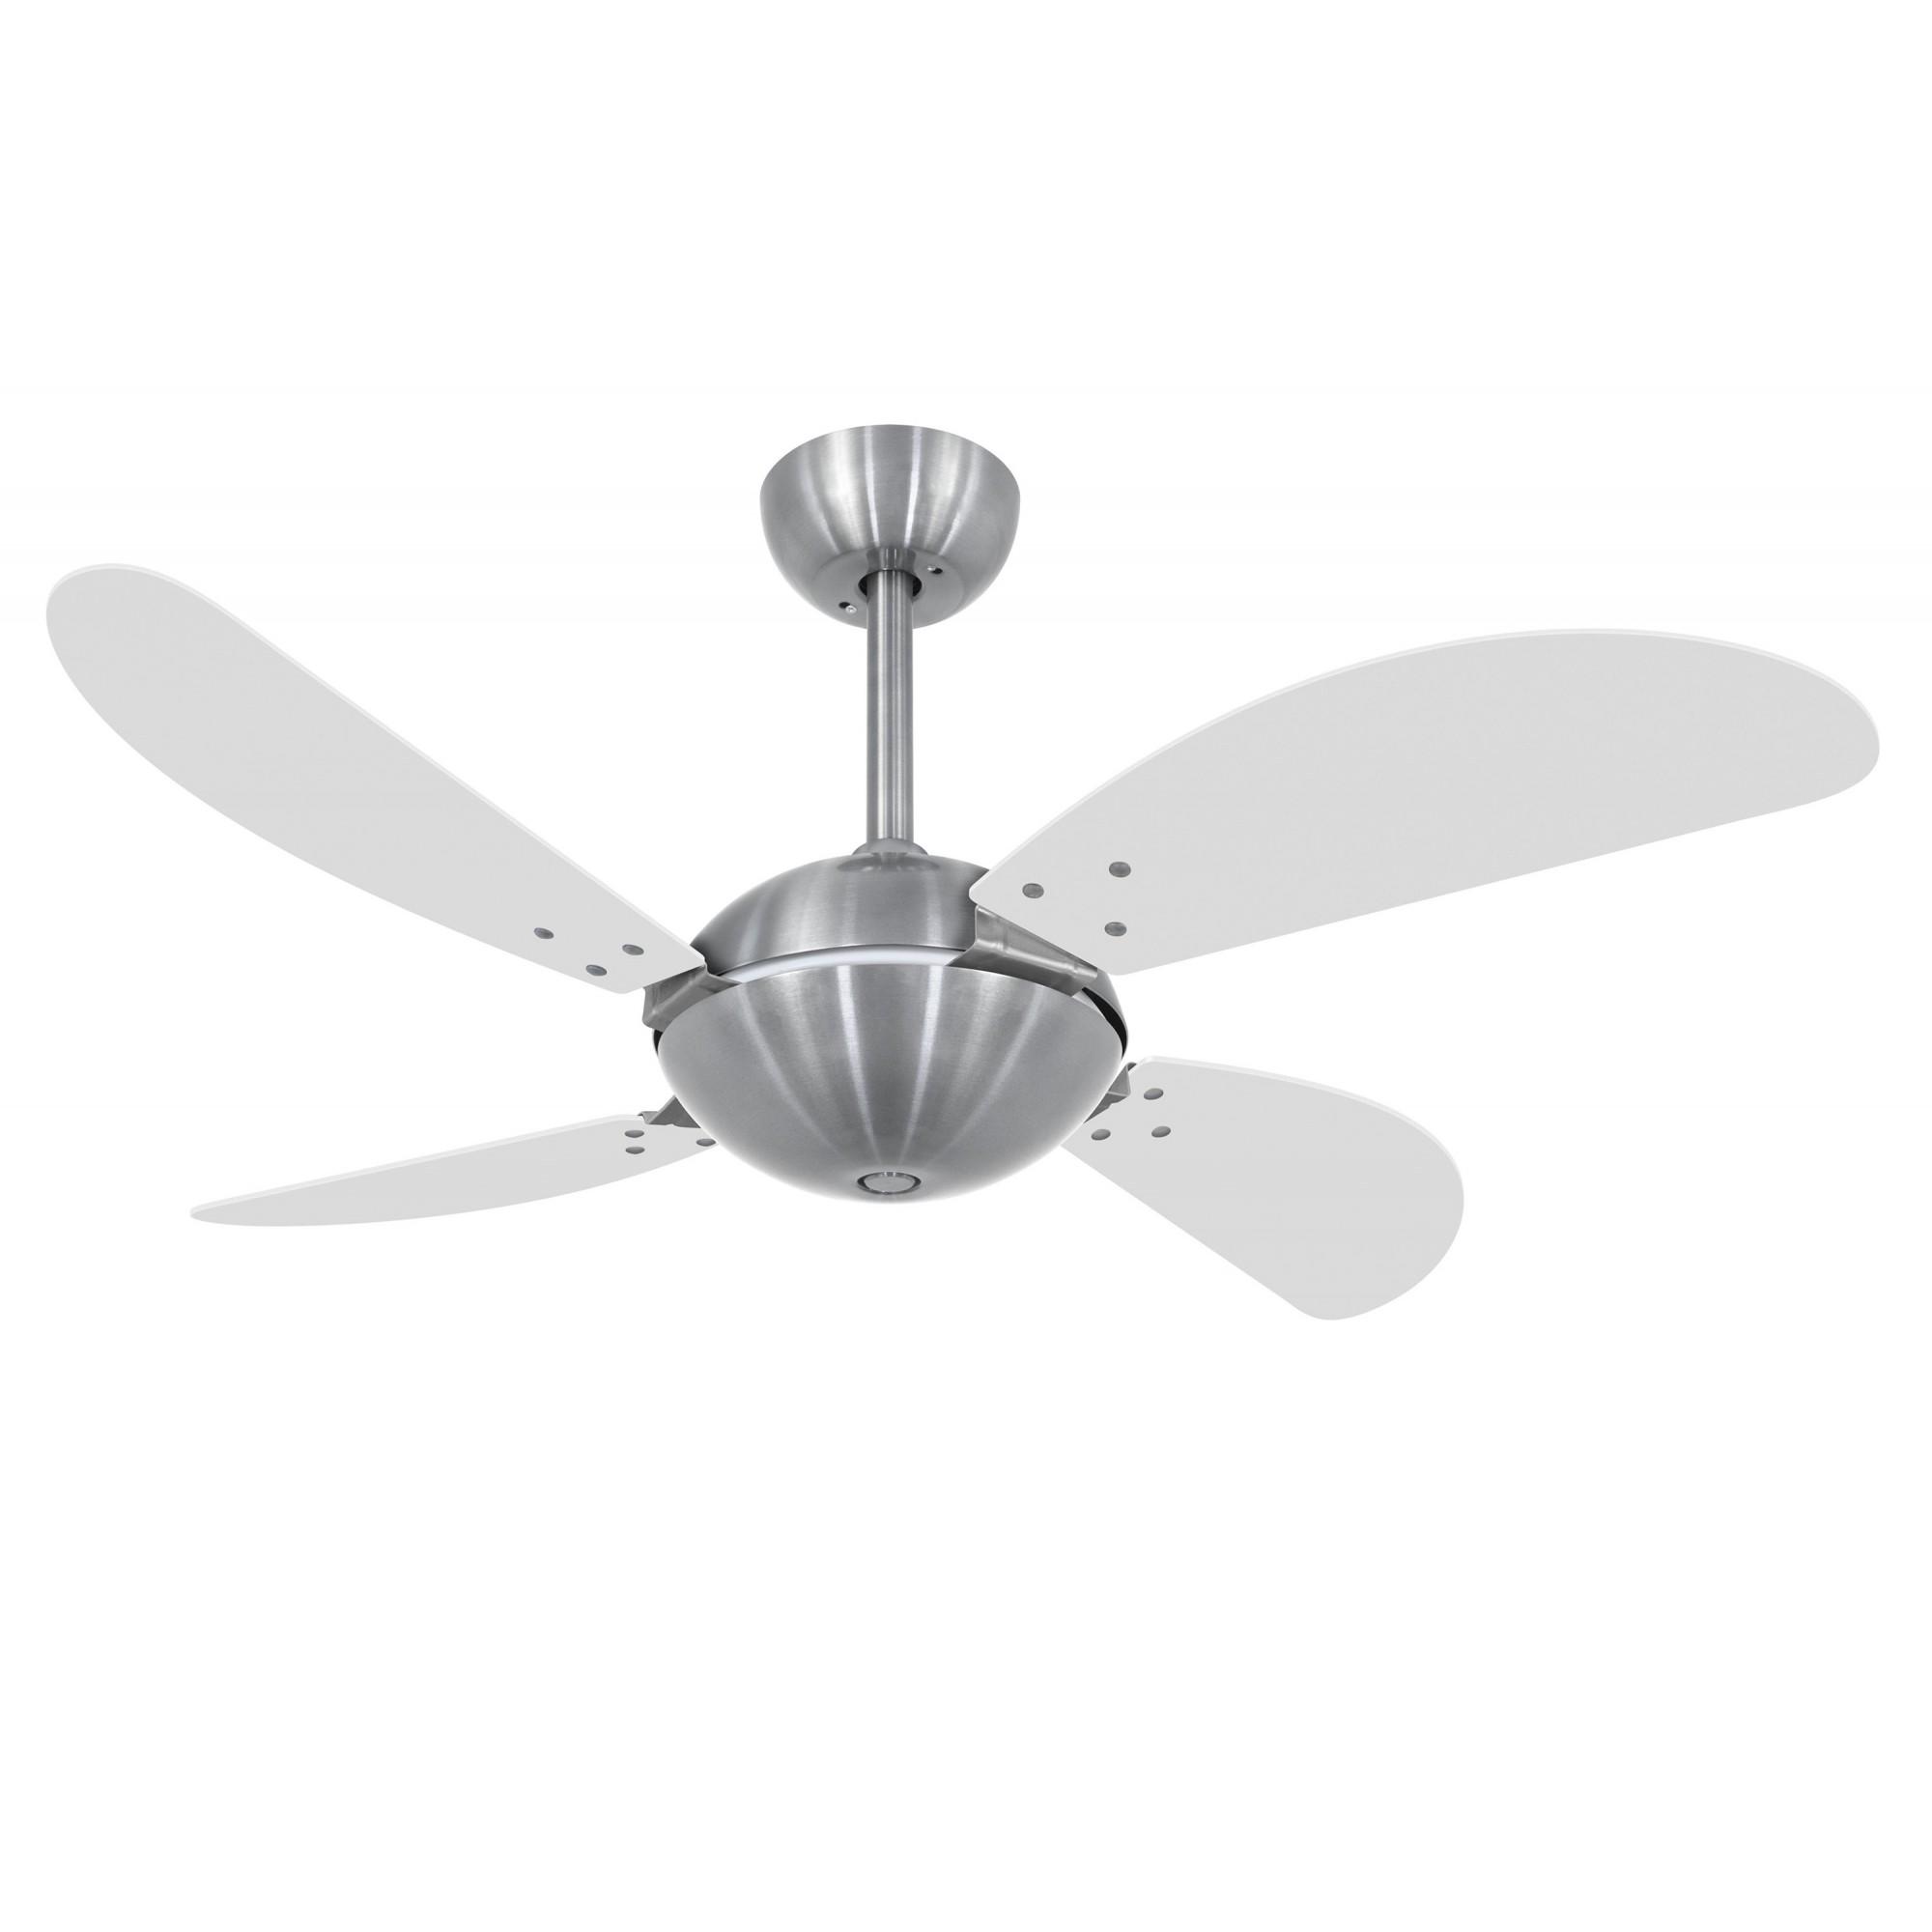 Ventilador de Teto Office Fly Prata 4 Pás MDF Branco 110V